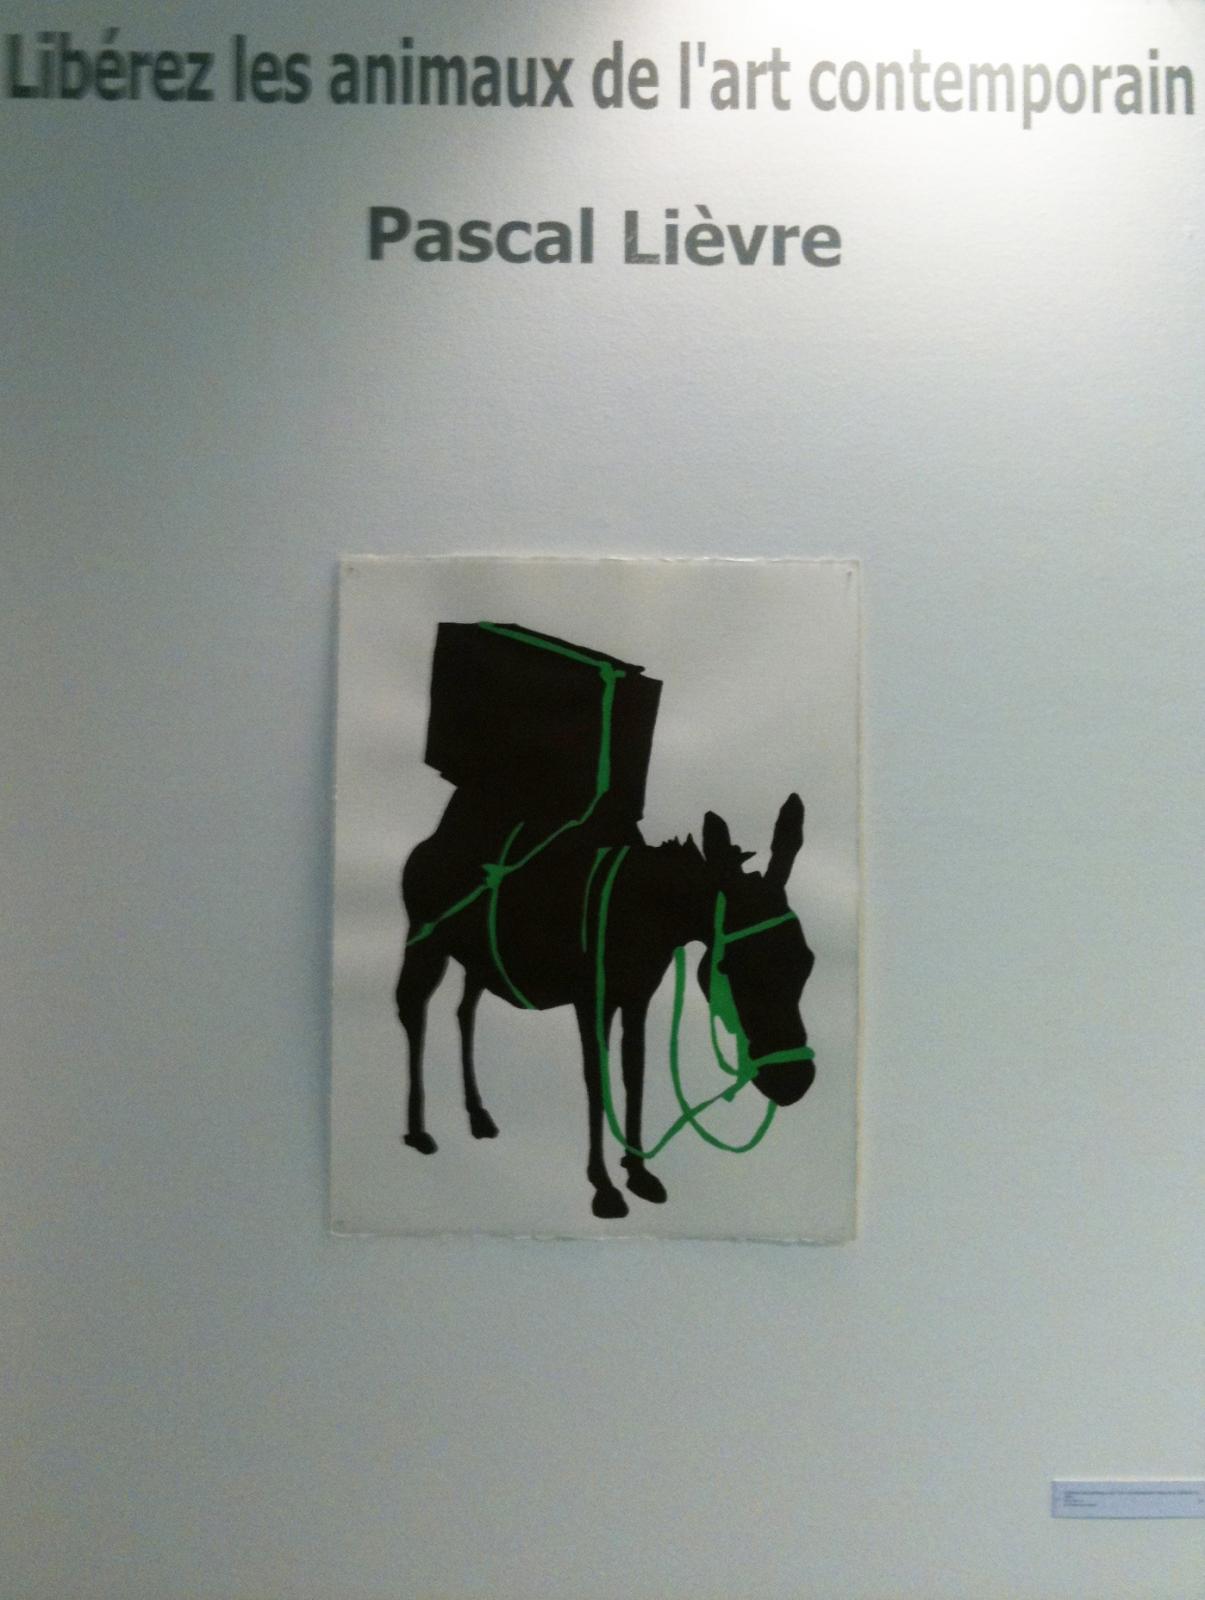 """pascal-lievre-liberez-le""""s-animaux-de-lart-contemporain-annecy-01"""